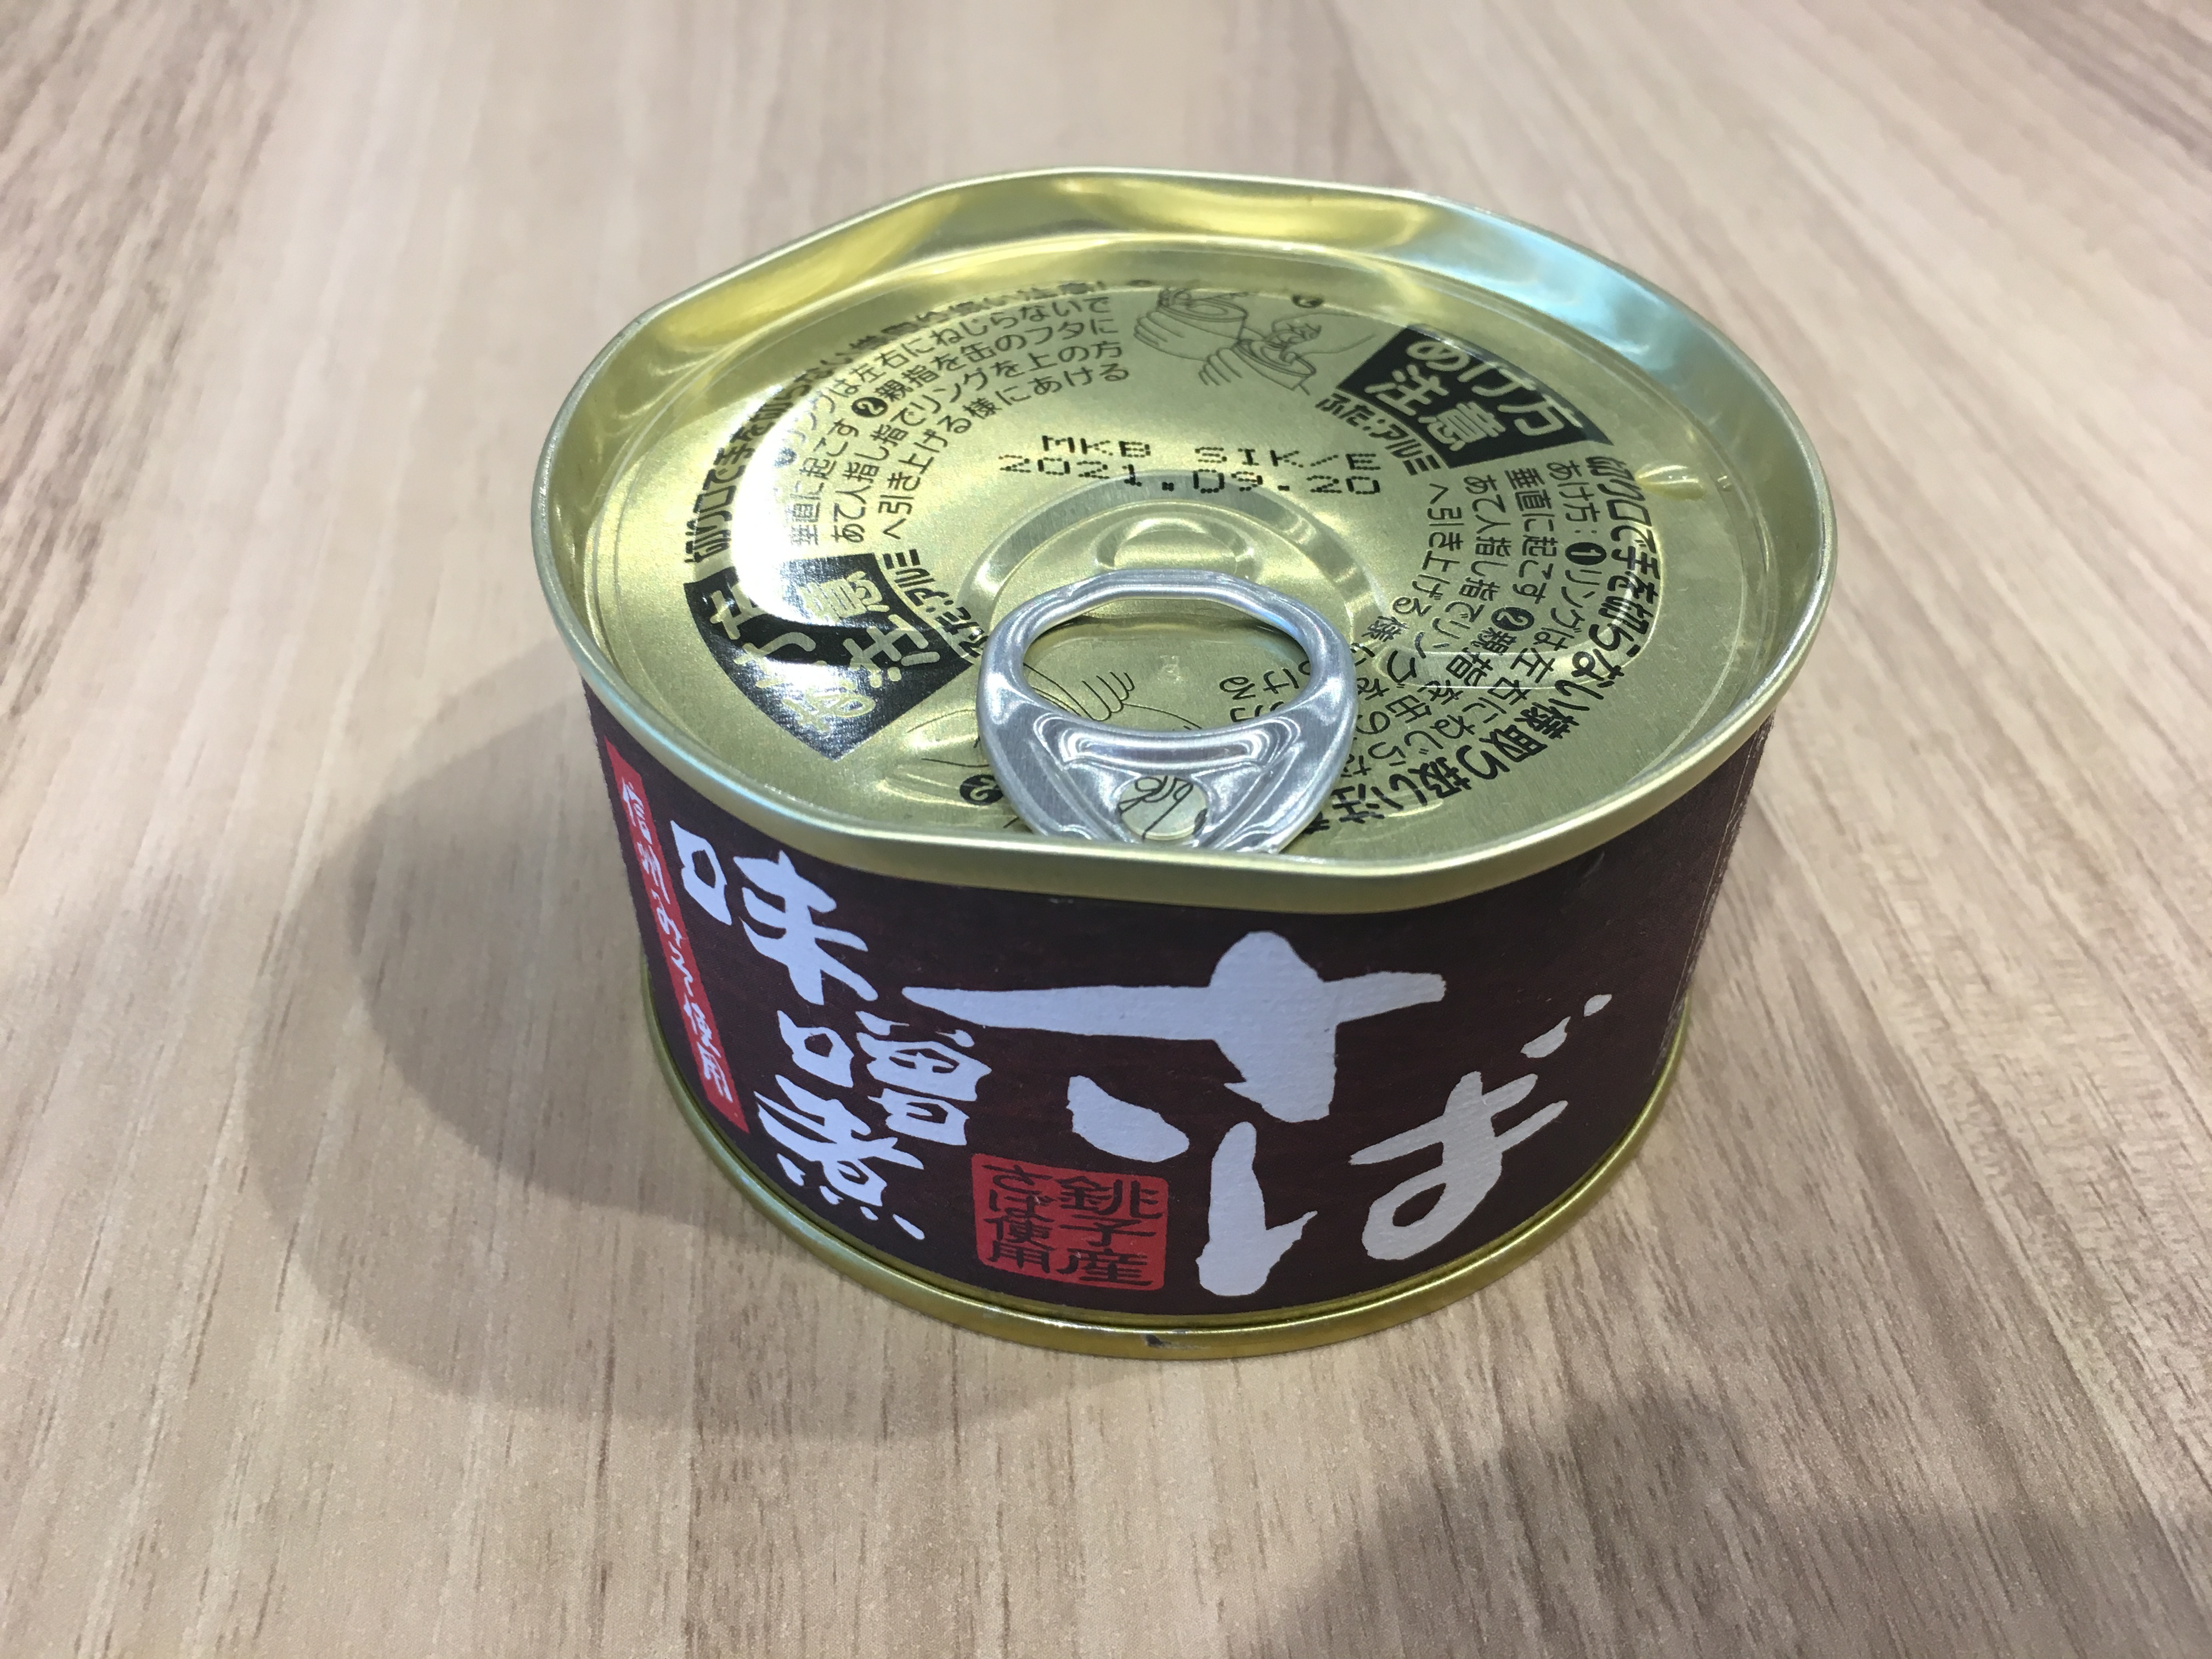 信田缶詰 さば 味噌煮